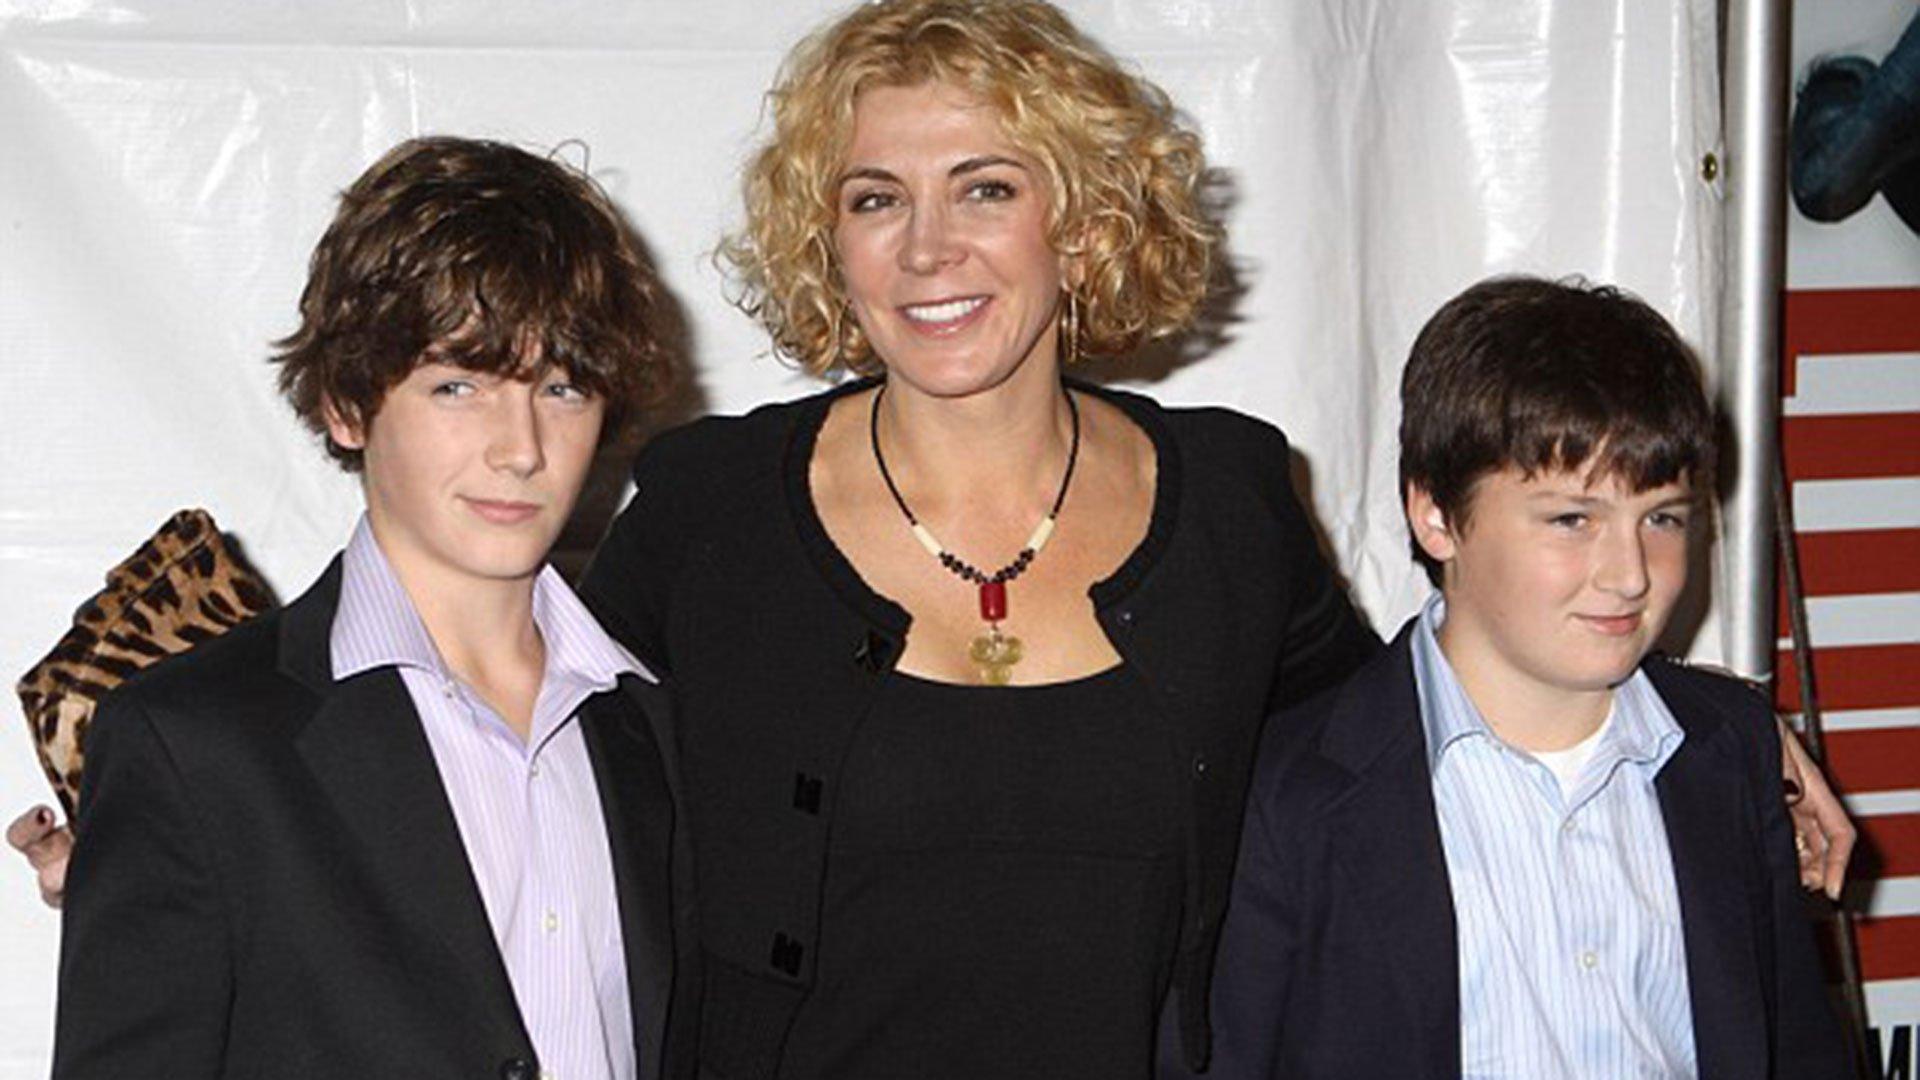 El gran gesto de amor de un hijo de Liam Neeson a su madre fallecida - Infobae